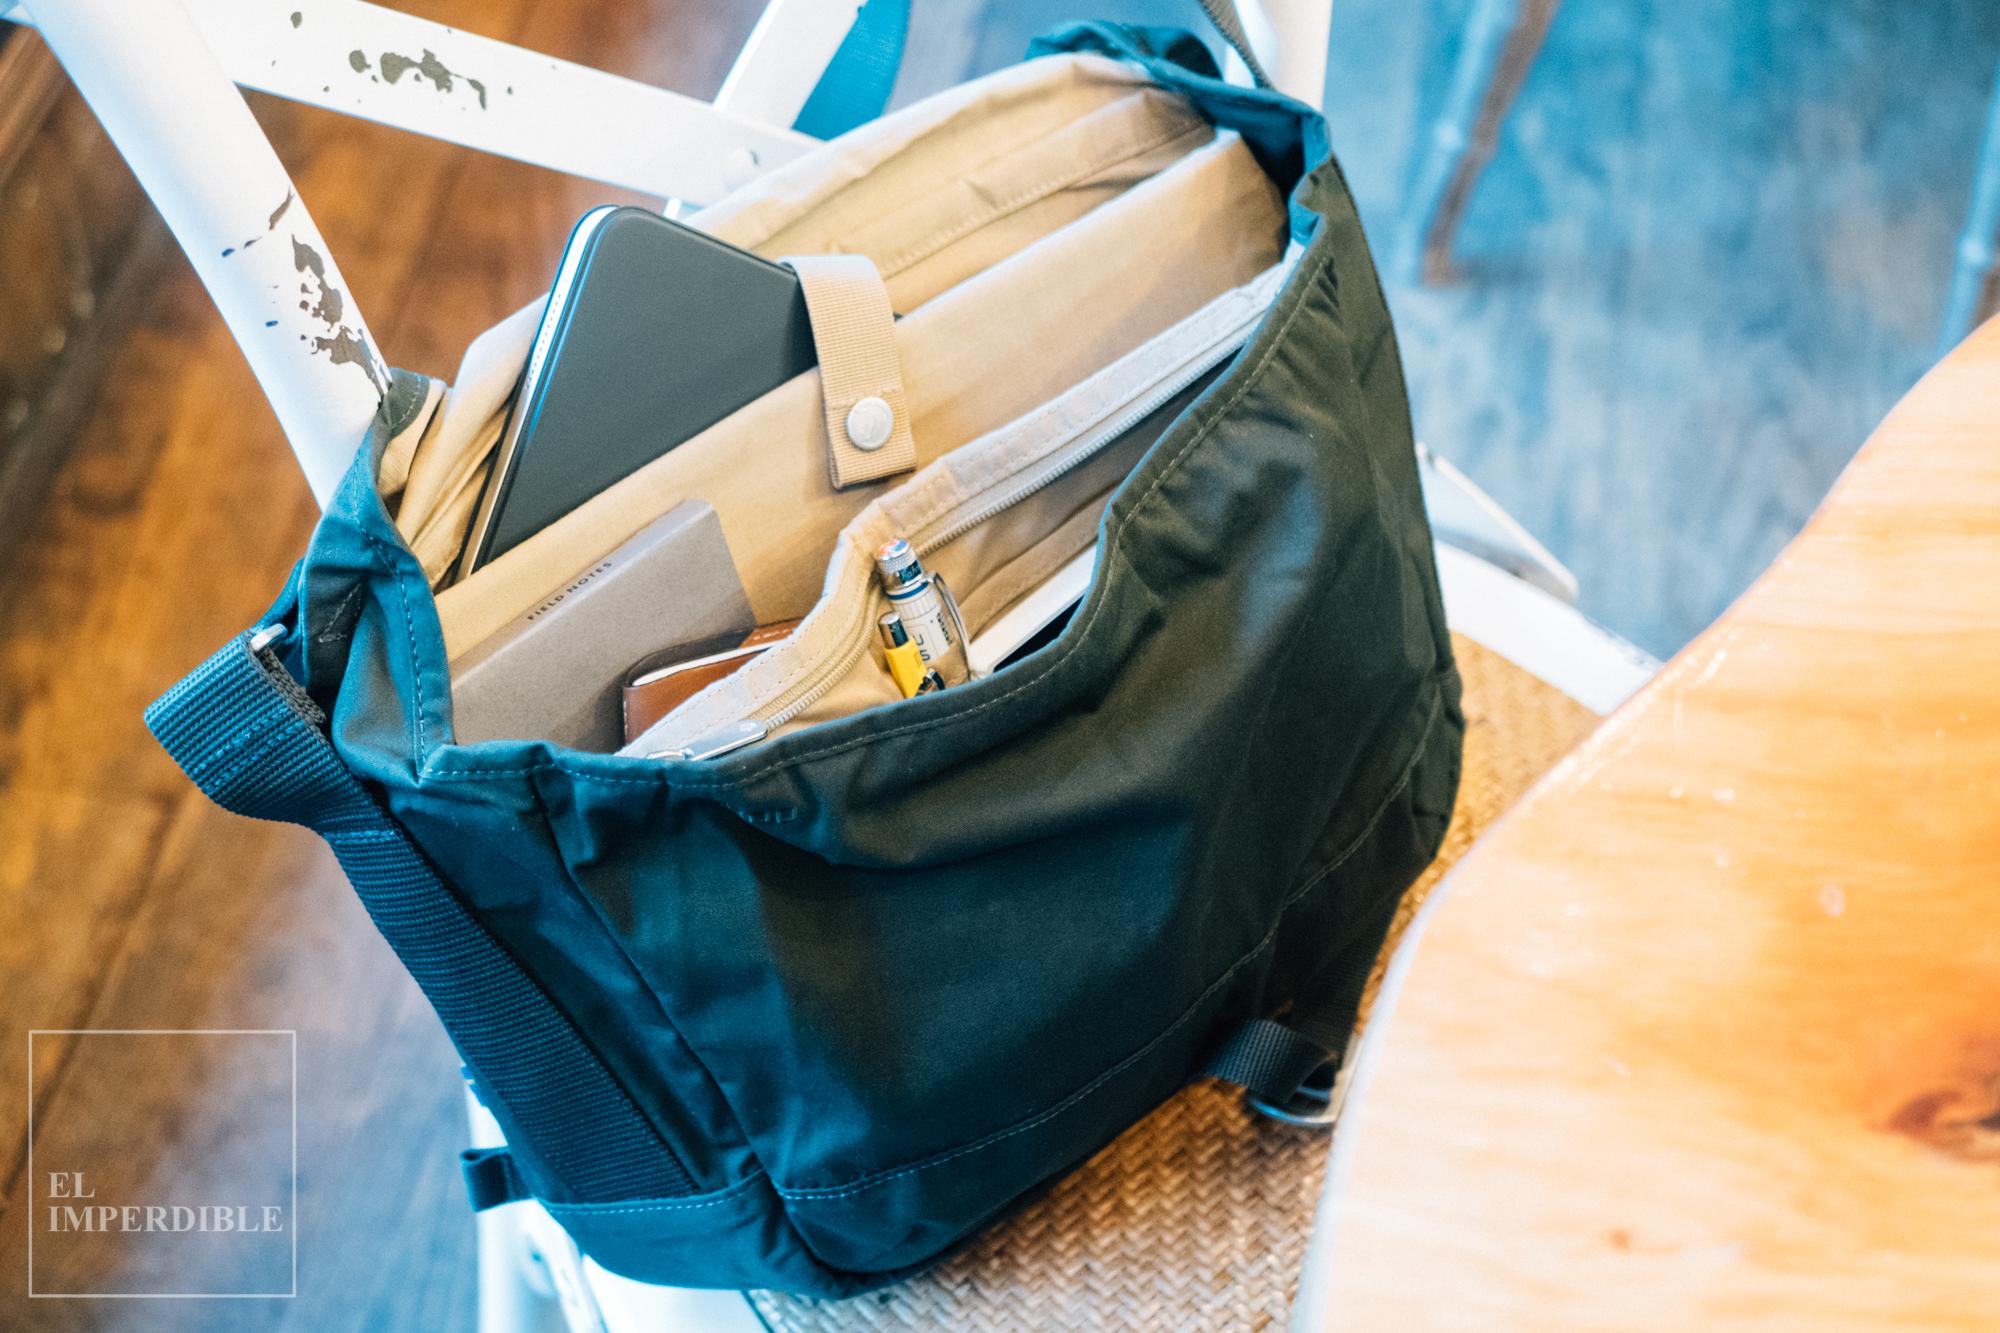 Qué llevo en mi mochila de trabajo Fjallraven Fjällräven Greenland Shoulder bag